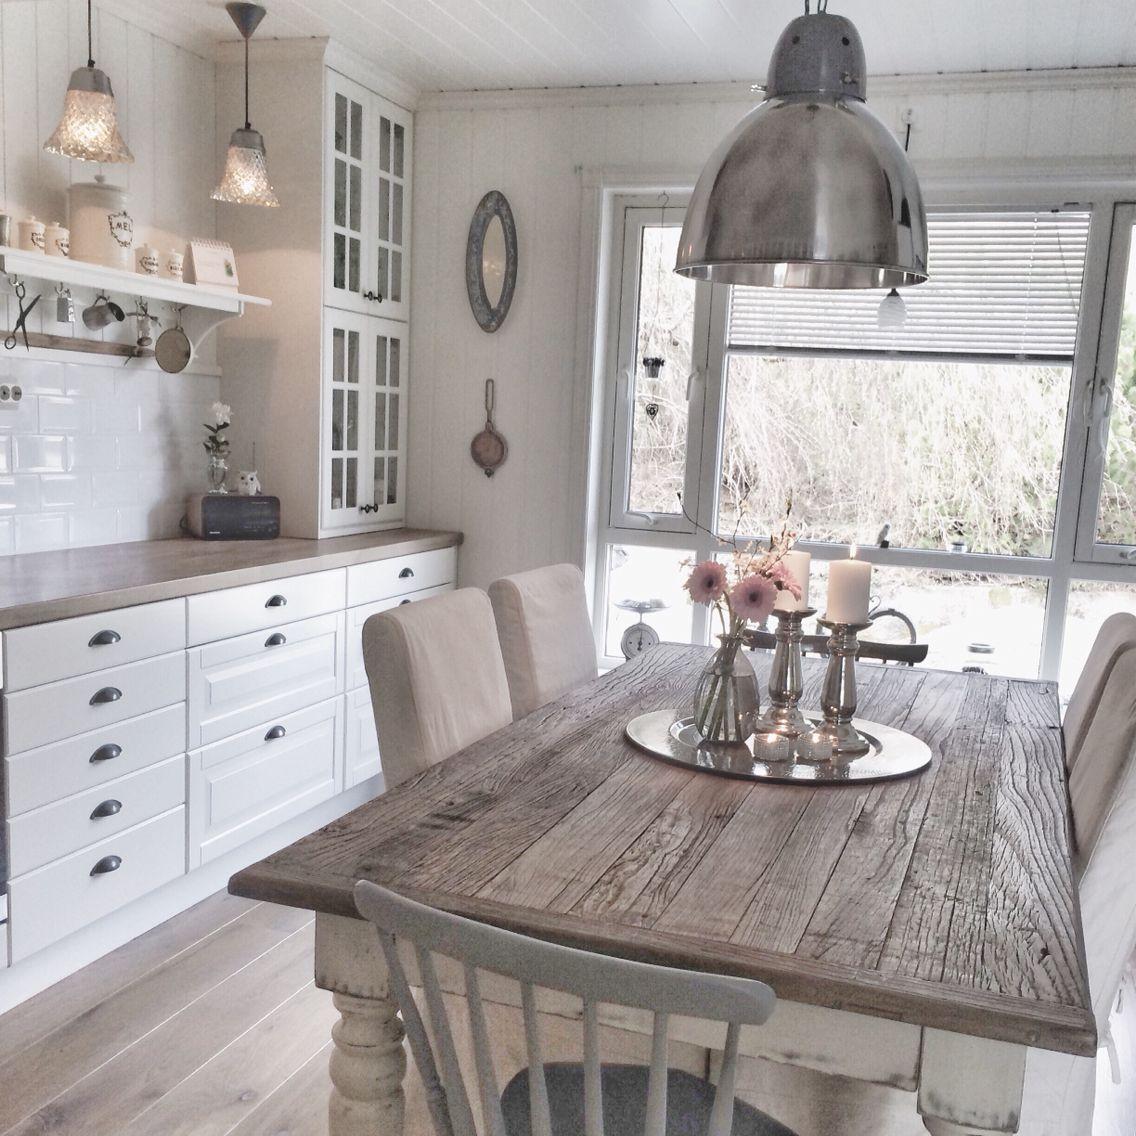 My kitchen ✓ By @villatverrteigen | Kitchen Ideas | Pinterest